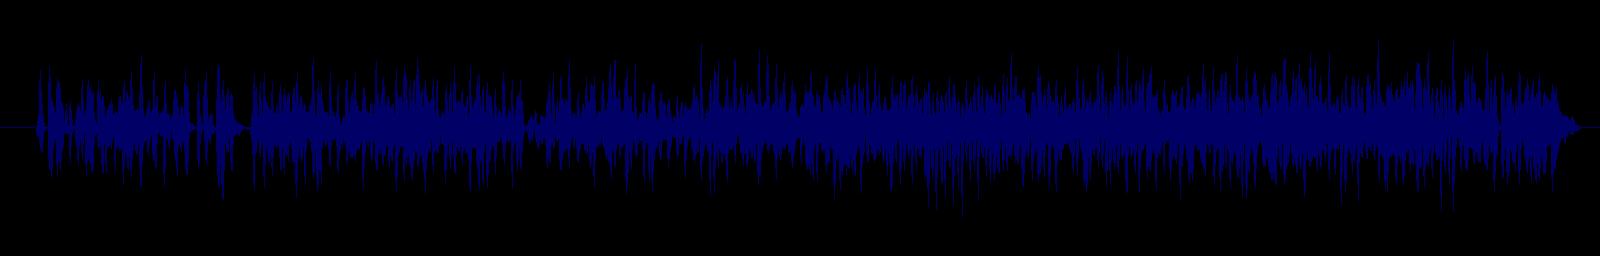 Wellenform von Track #155202